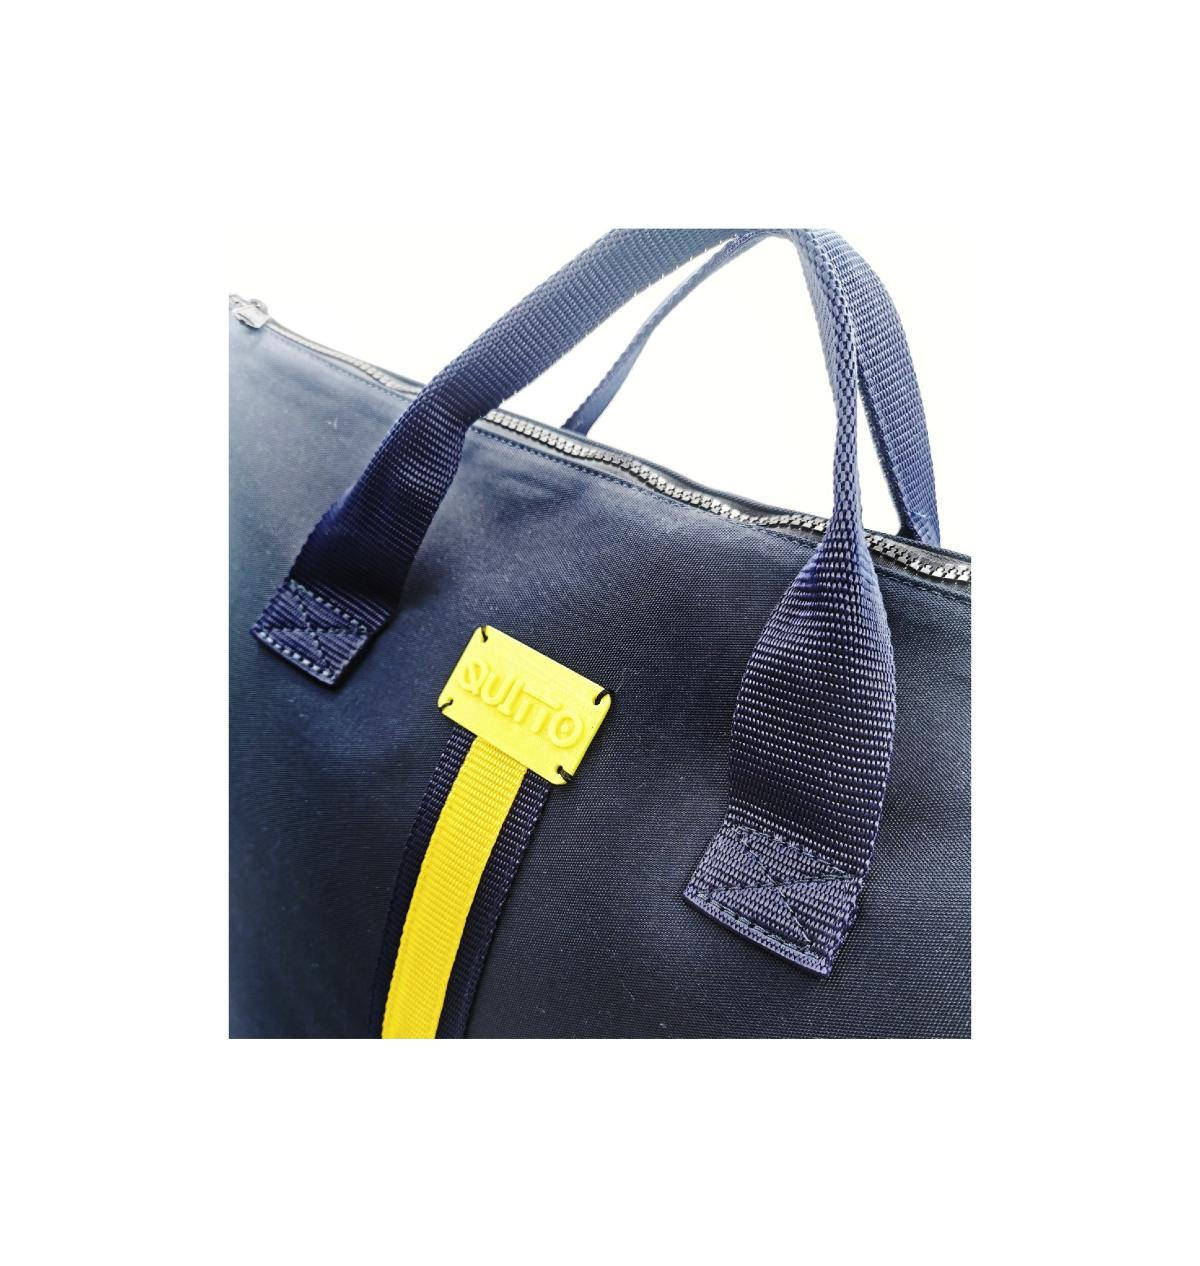 maxi-bag-blu-riga-gialla-dettaglio